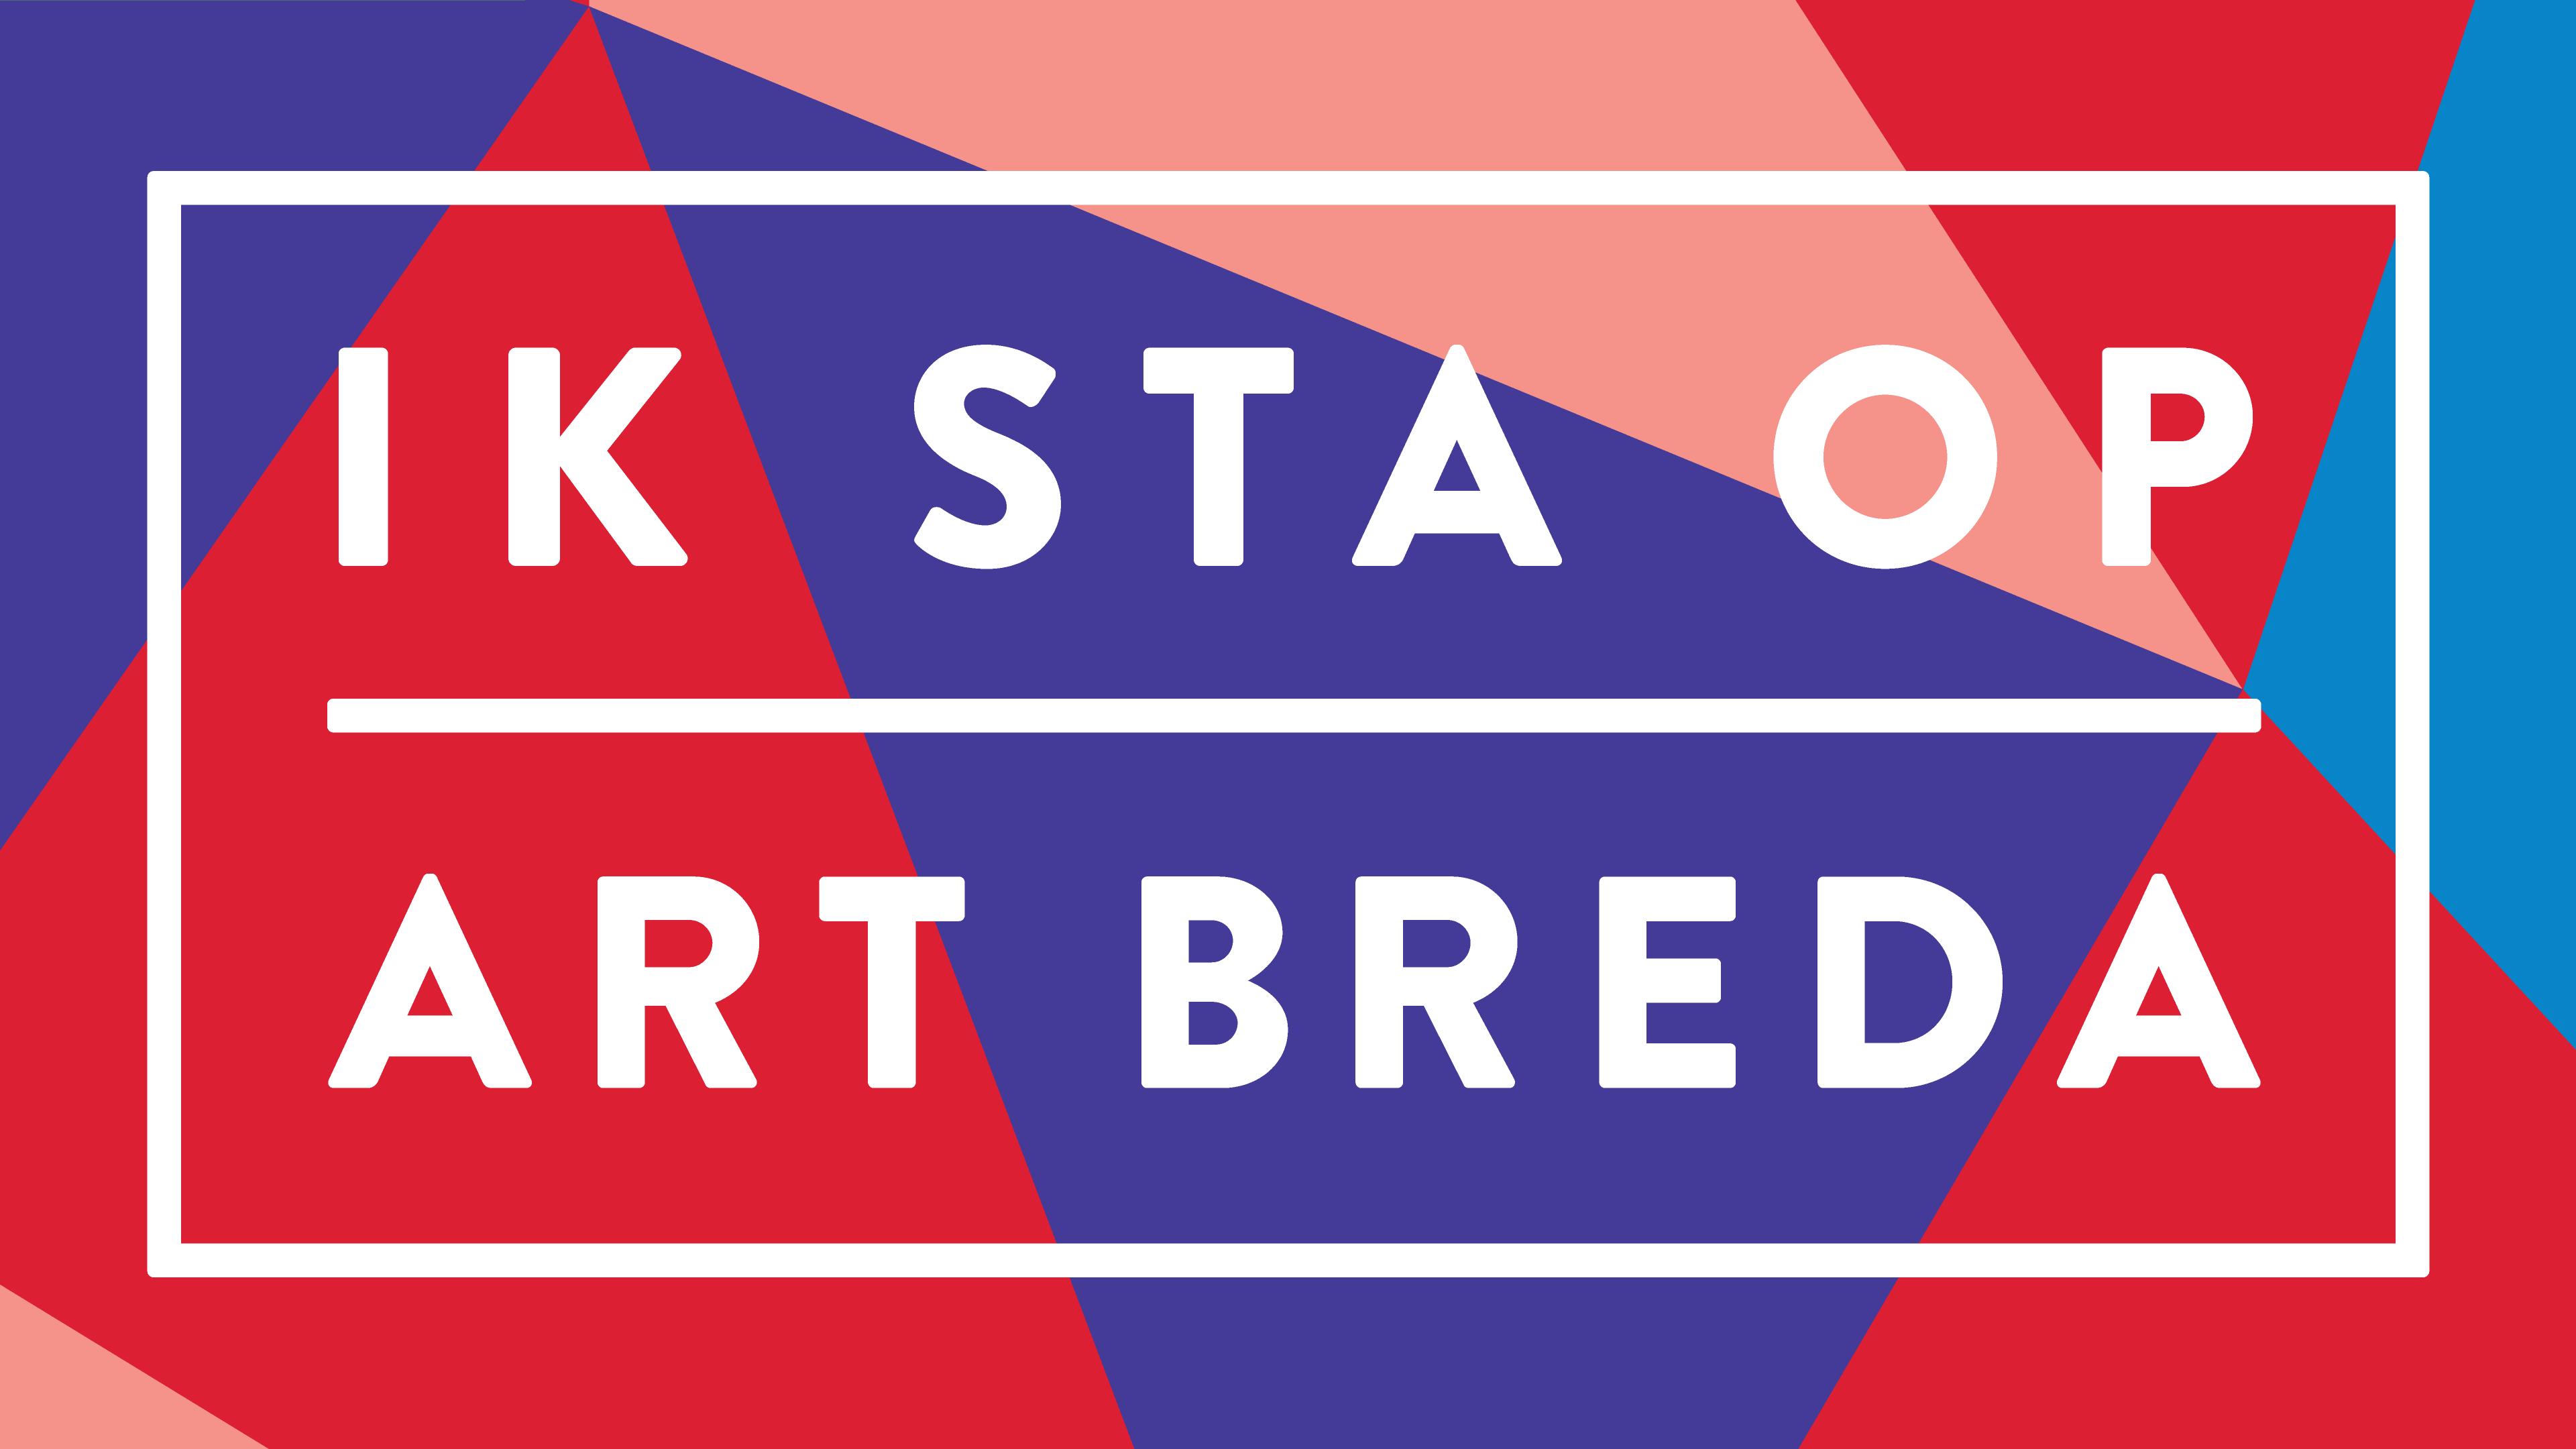 Rob Zweerman, Art-Breda, beeldhouwen, Kunst, Steen,